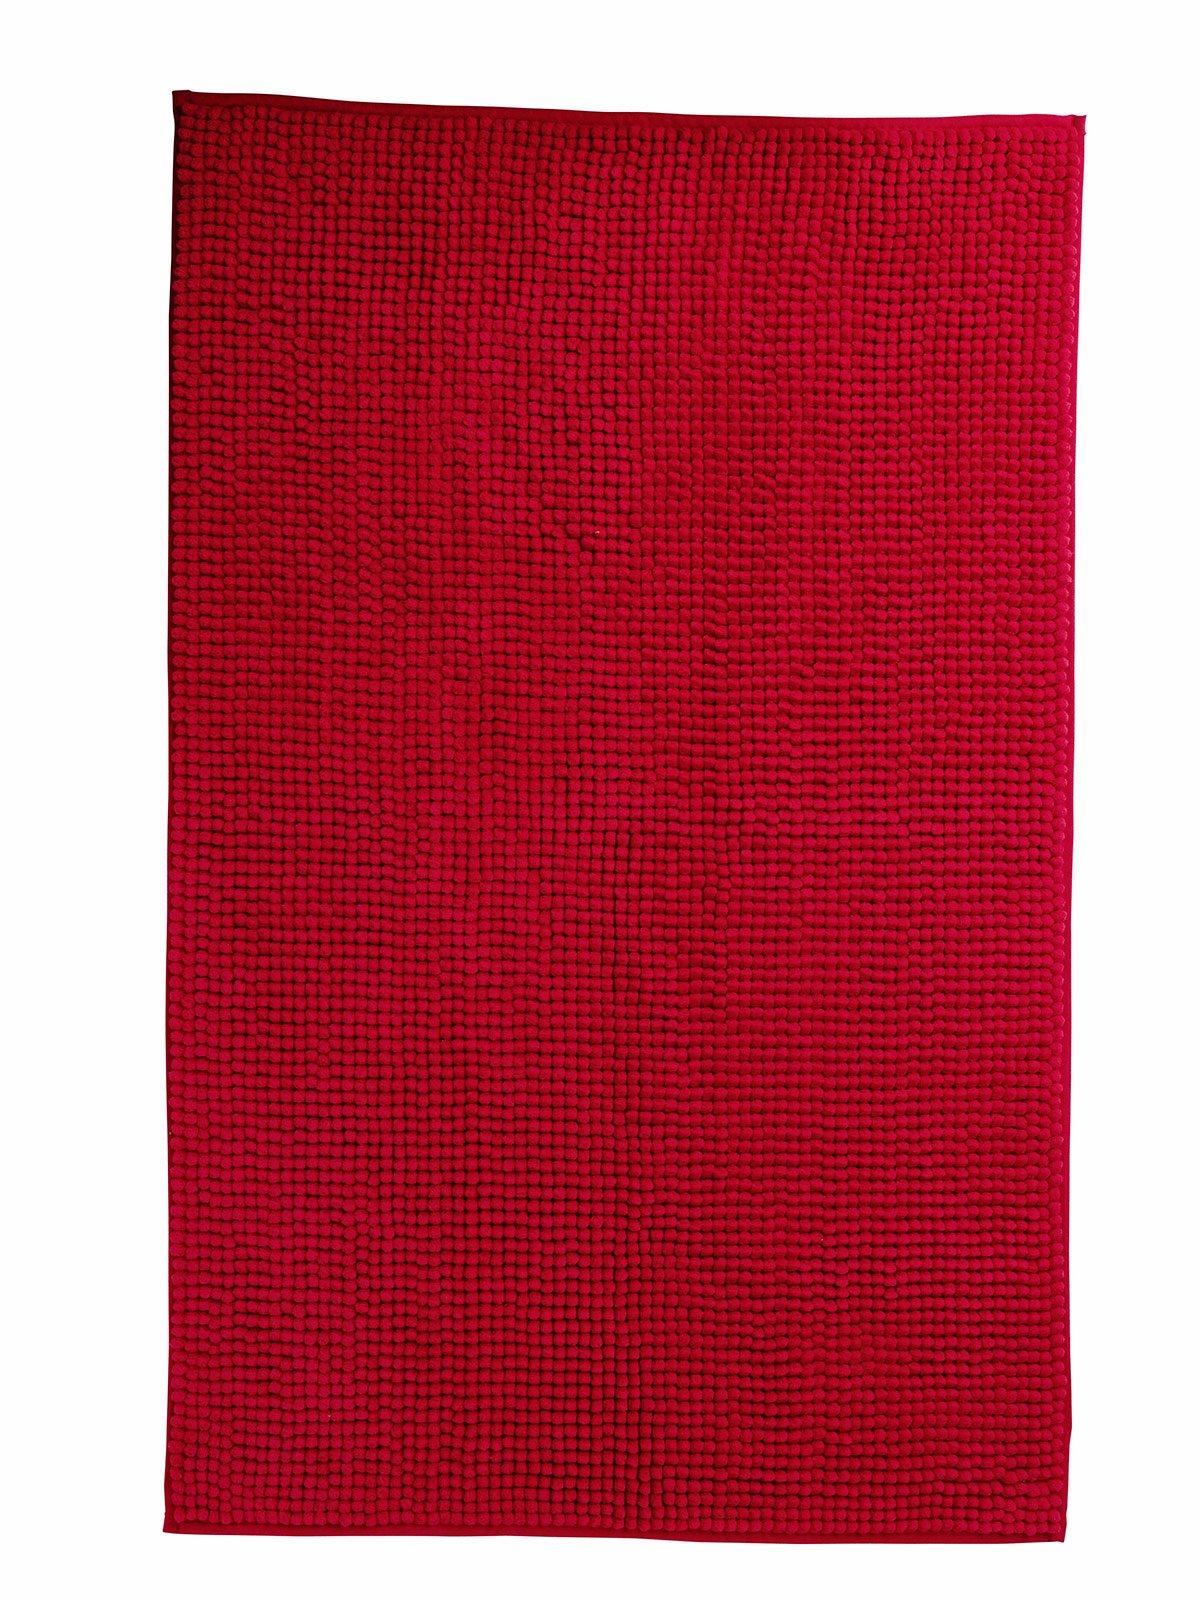 Bagno rosso per piastrelle sanitari complementi cose di casa - Tappeto bagno rosso ...